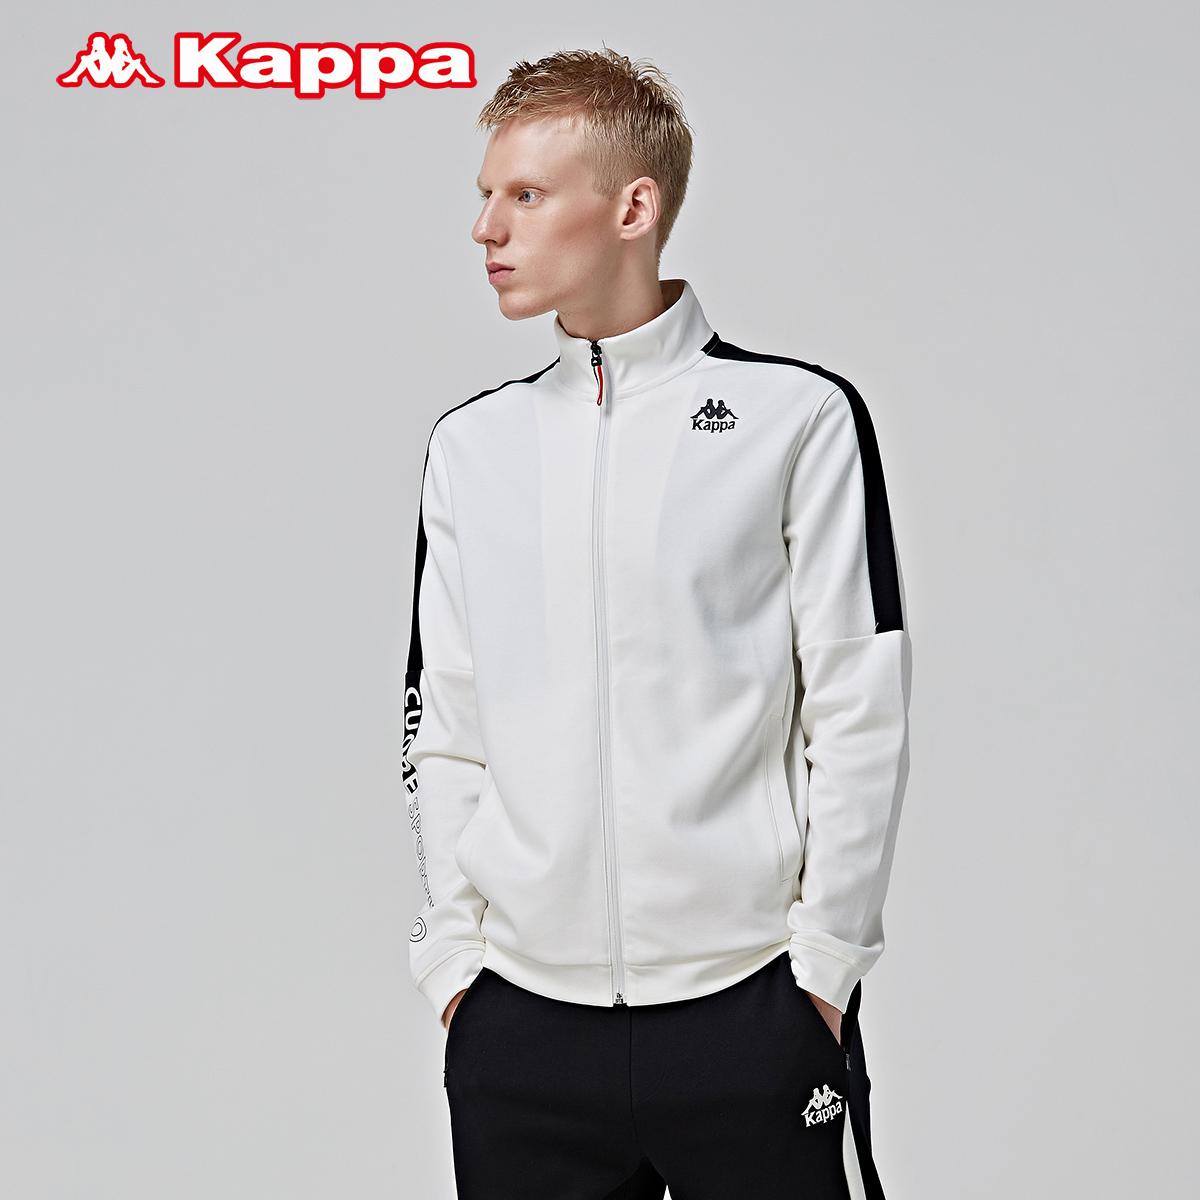 KAPPA卡帕情侣男女卫衣休闲开衫外套夹克|K0852WK01